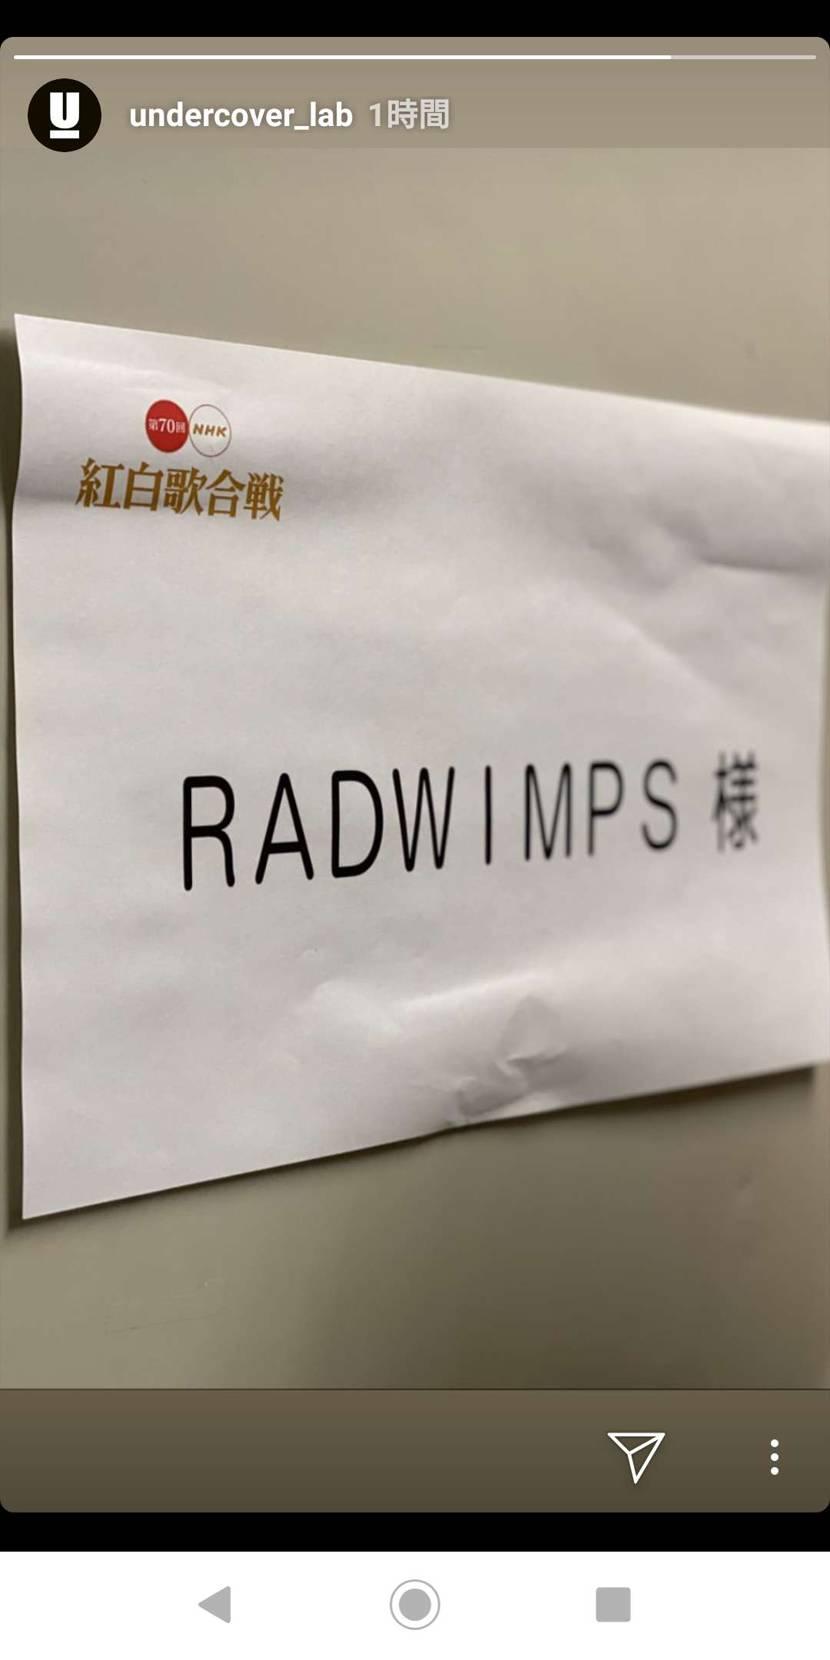 紅白でRADWIMPSがリアクトブーツを履いたようですね〜